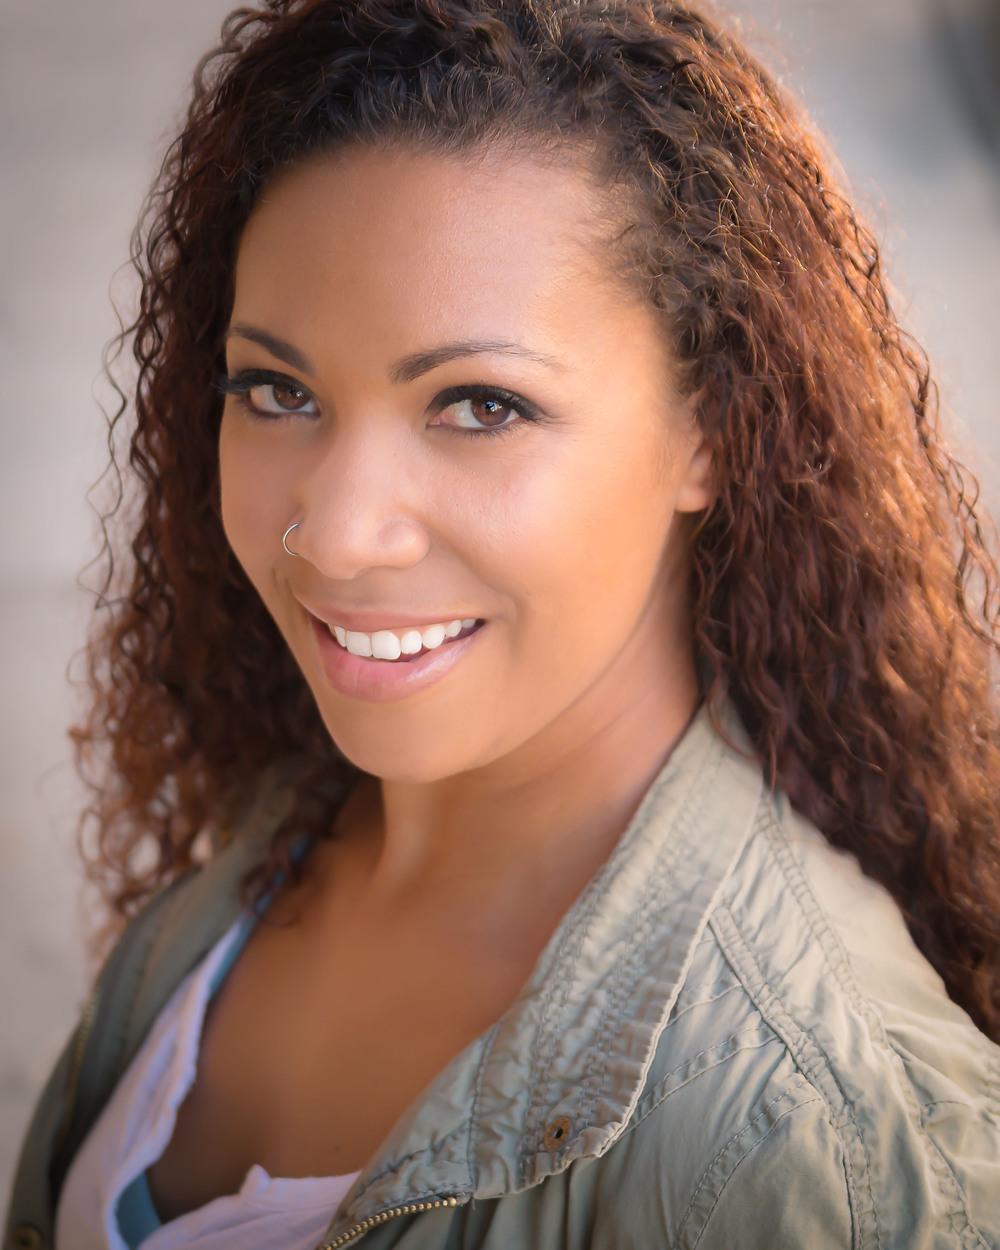 Alyssa Jordan